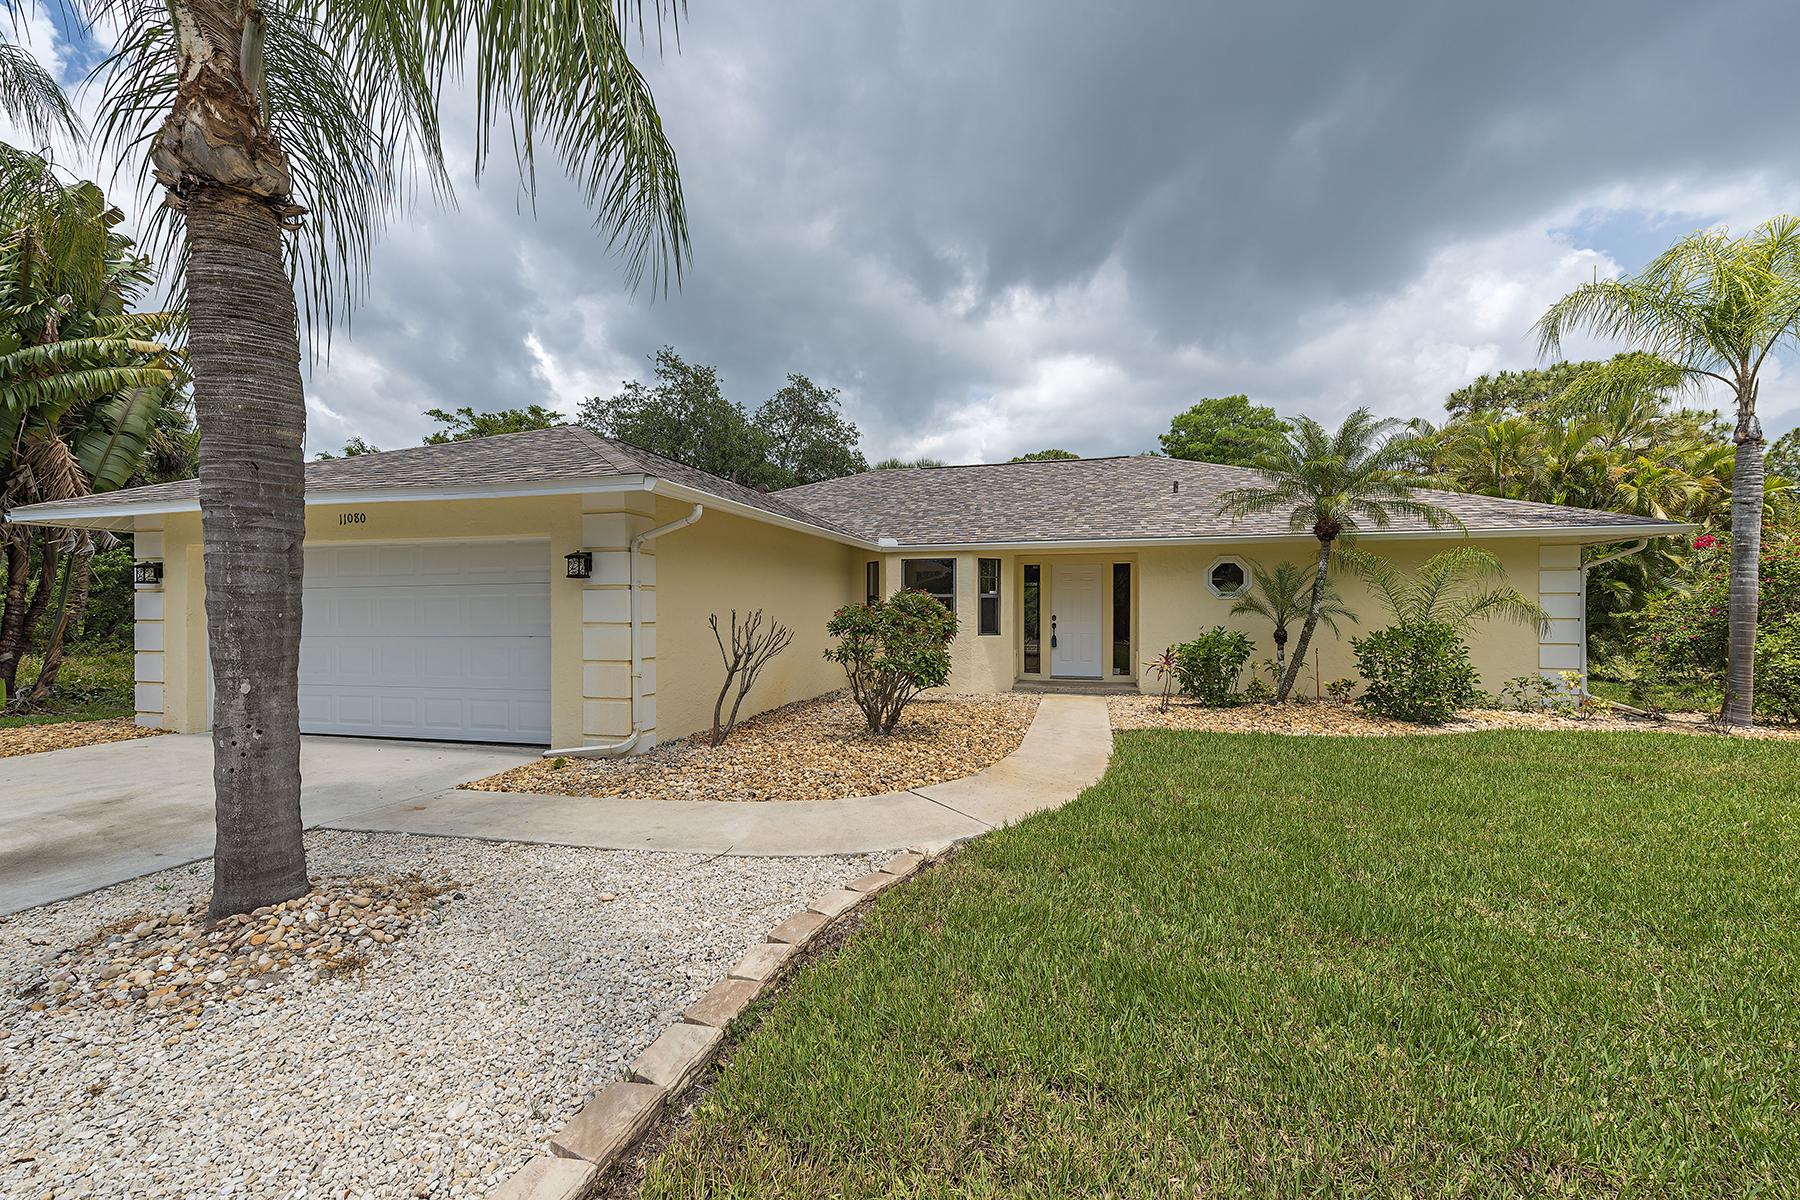 Casa para uma família para Venda às BONITA SPRINGS 11080 Cherry Dr Bonita Springs, Florida, 34135 Estados Unidos